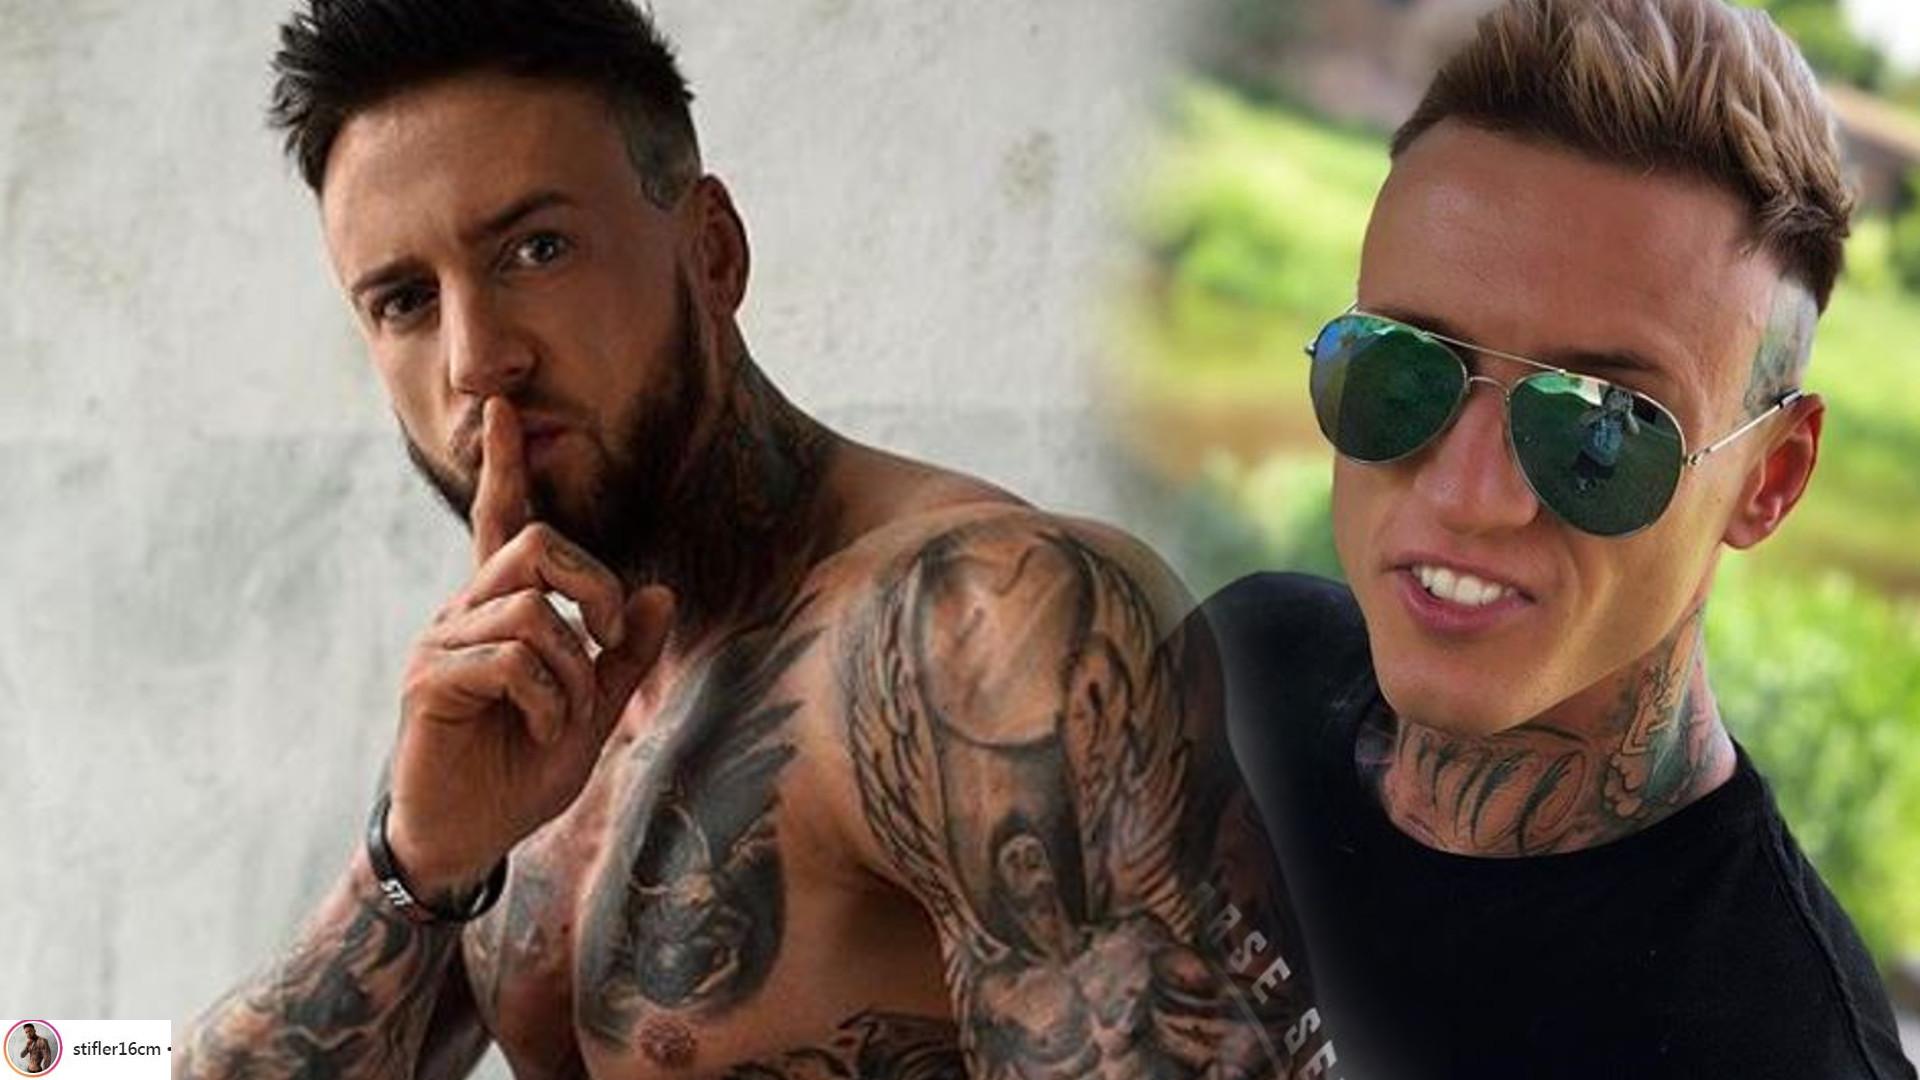 Stifler z Warsaw Shore zrobił tatuaż, który okazał się NIESMACZNYM żartem kierowanym do kobiet